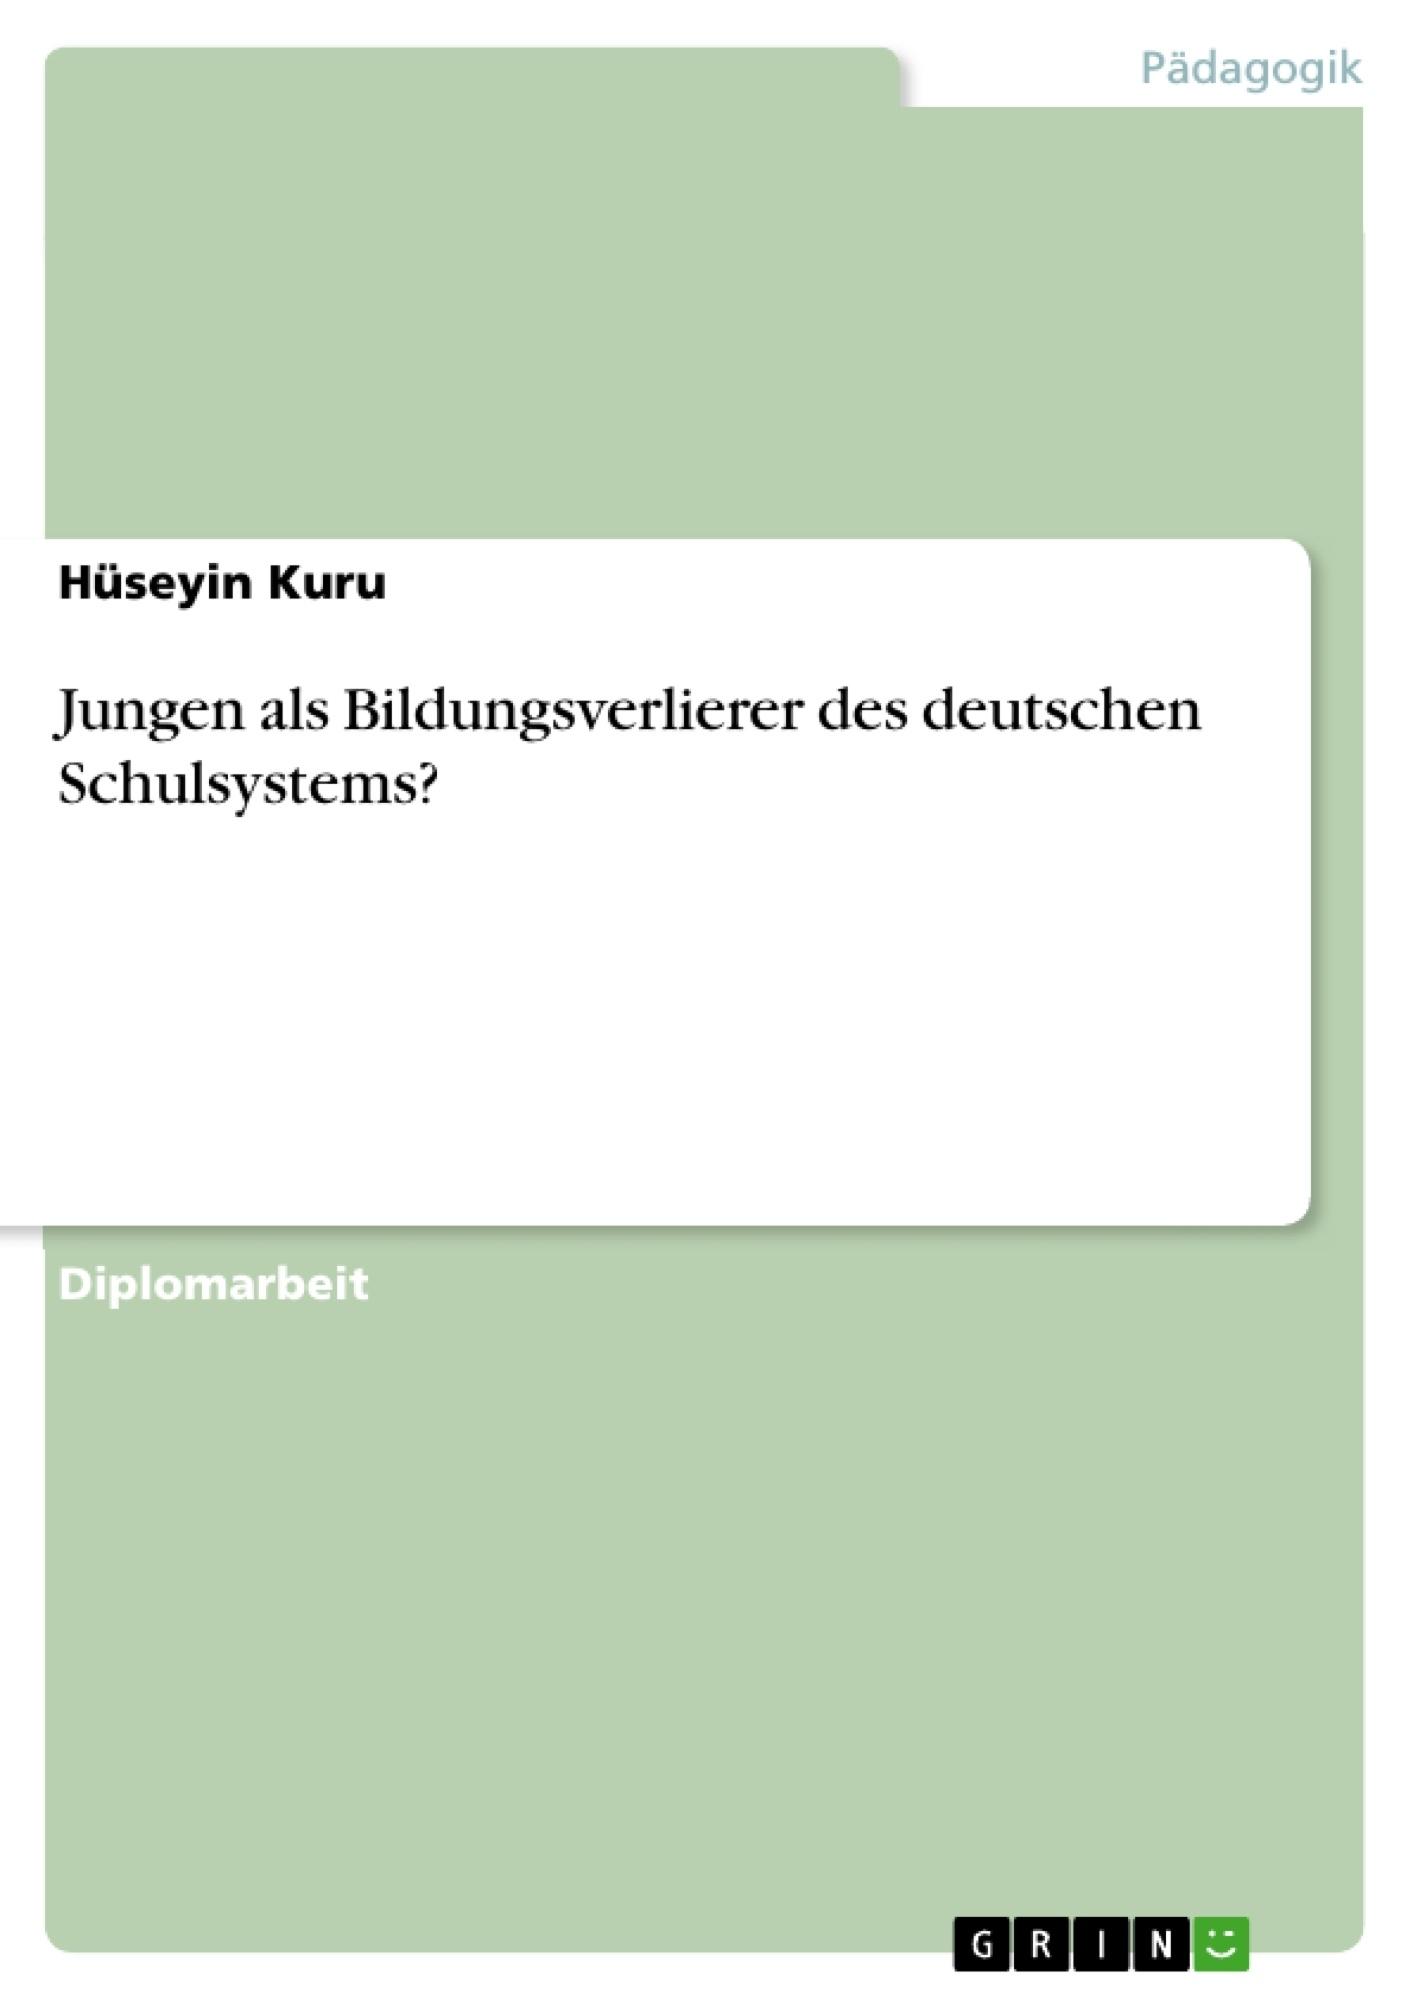 Titel: Jungen als Bildungsverlierer des deutschen Schulsystems?